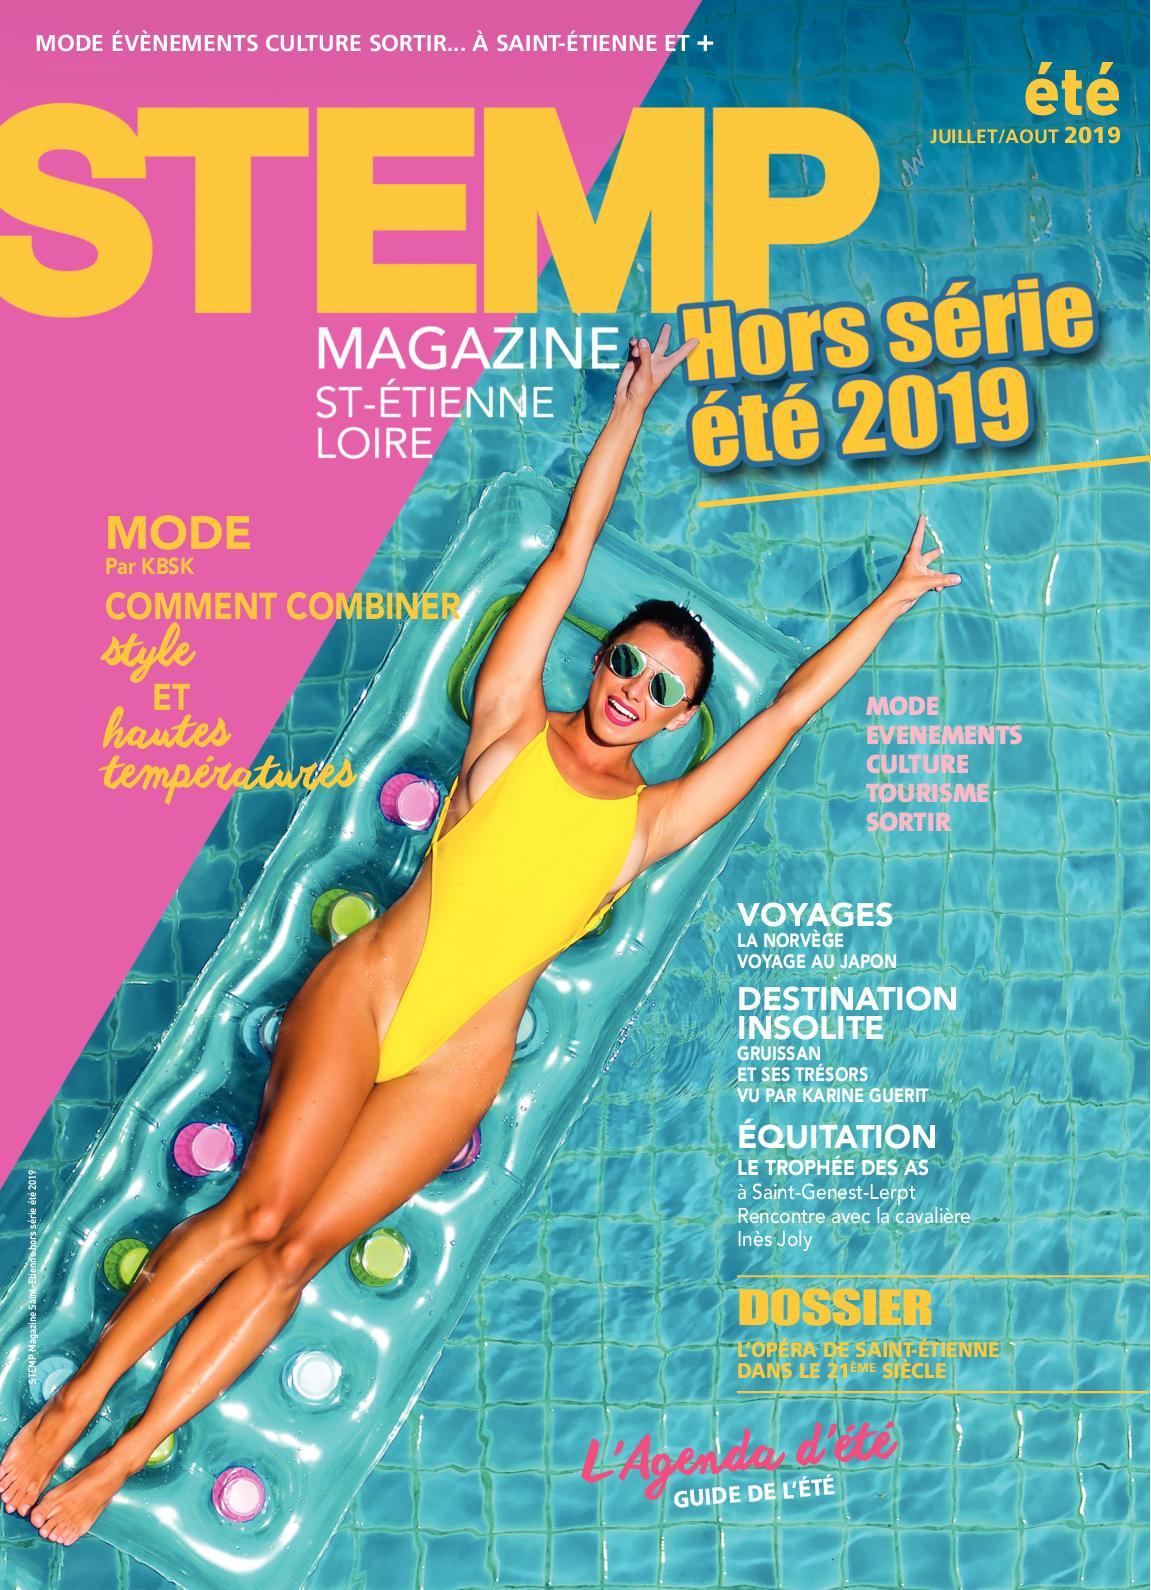 Calaméo Saint 2019 Etienne Magazine STEMP Loire été R34jL5A